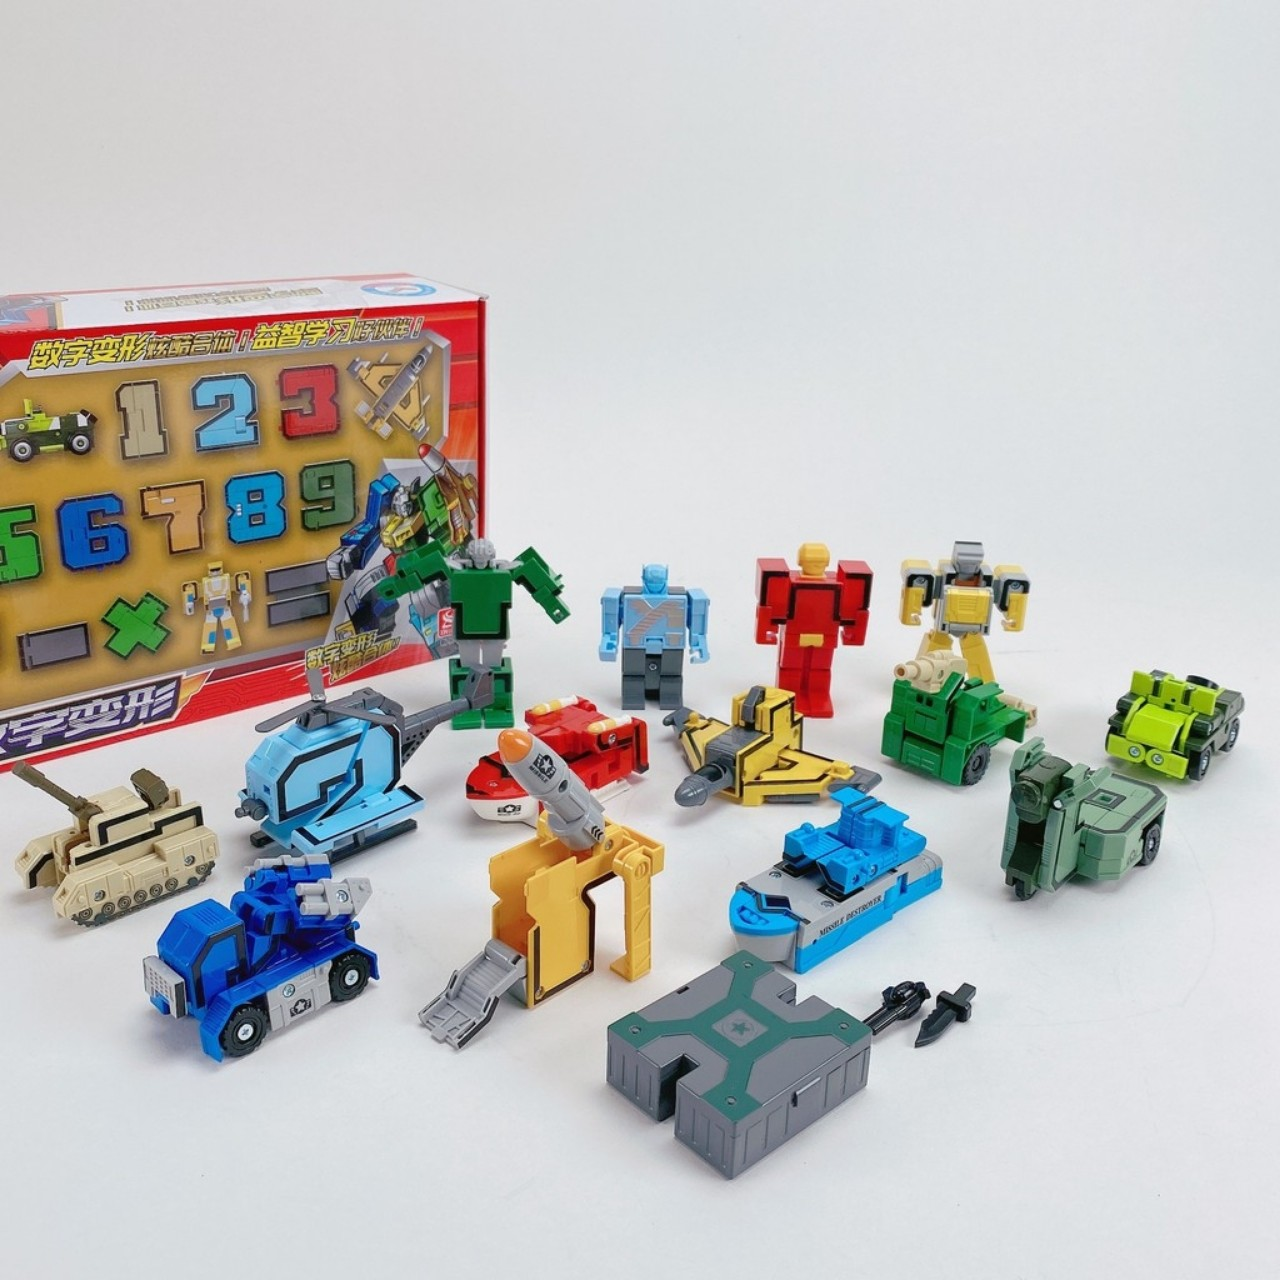 Đồ chơi chữ số biến hình robot 3 in 1